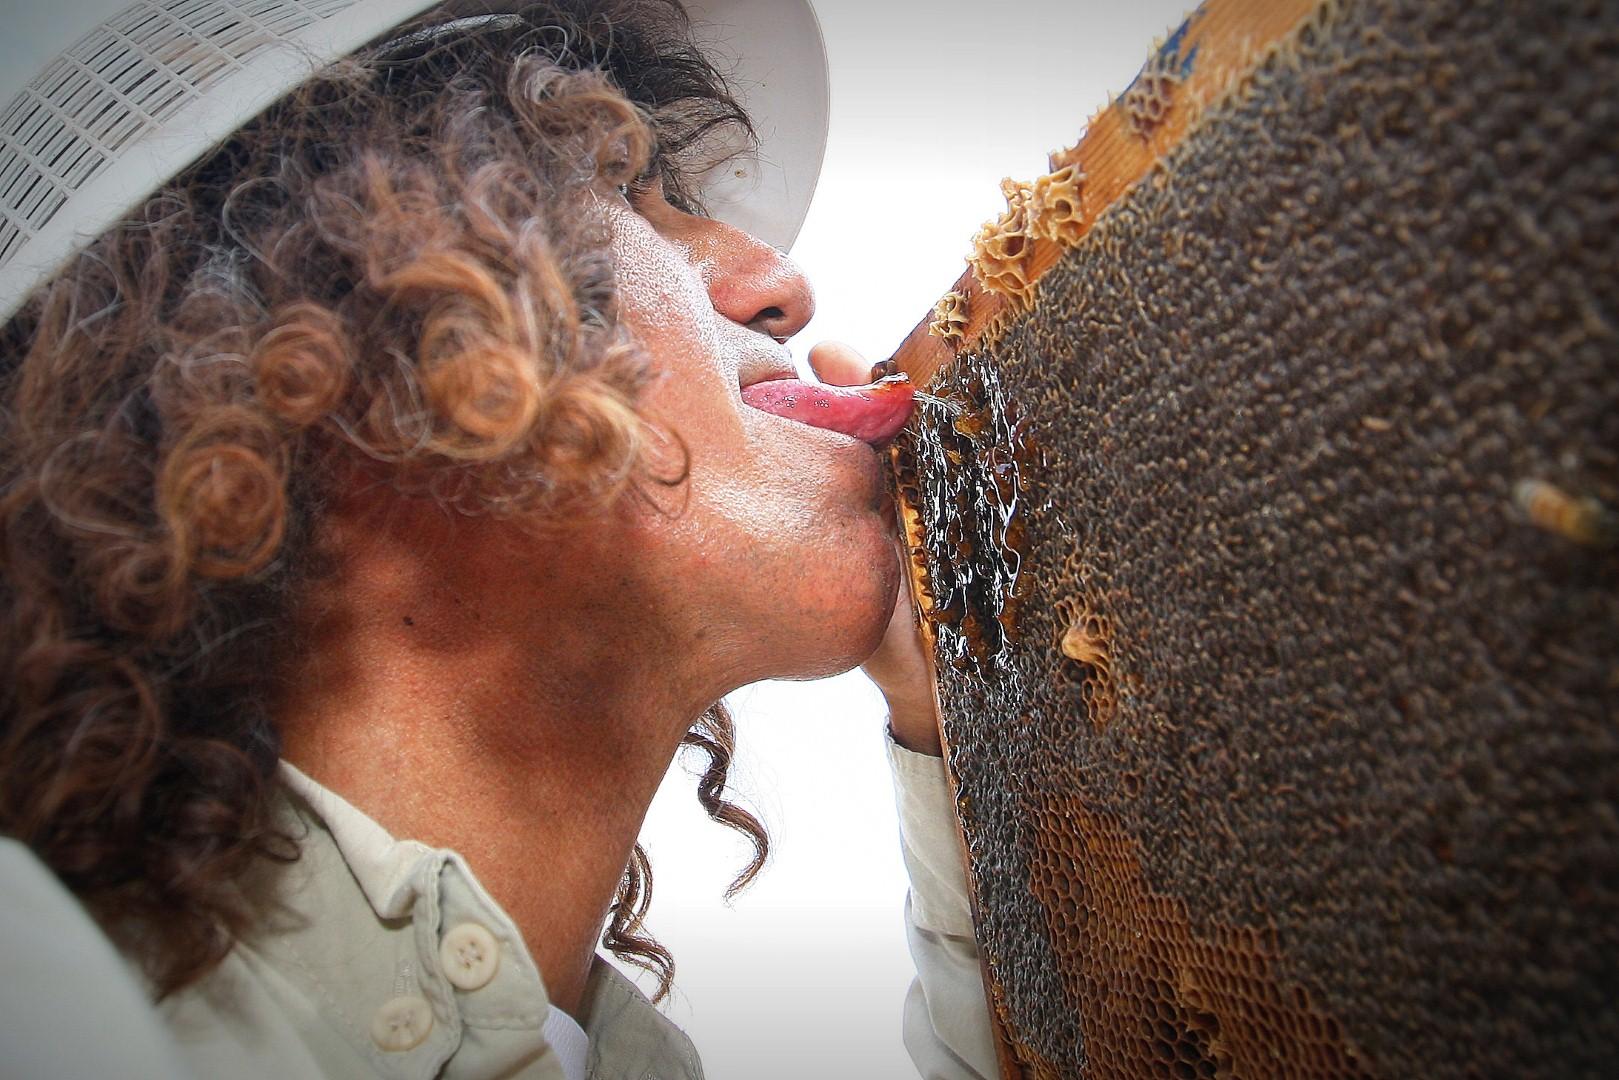 מחובר לדבורים - יצחק אלבז מלקק דבש (צילום: רועי עידן) (צילום: רועי עידן)